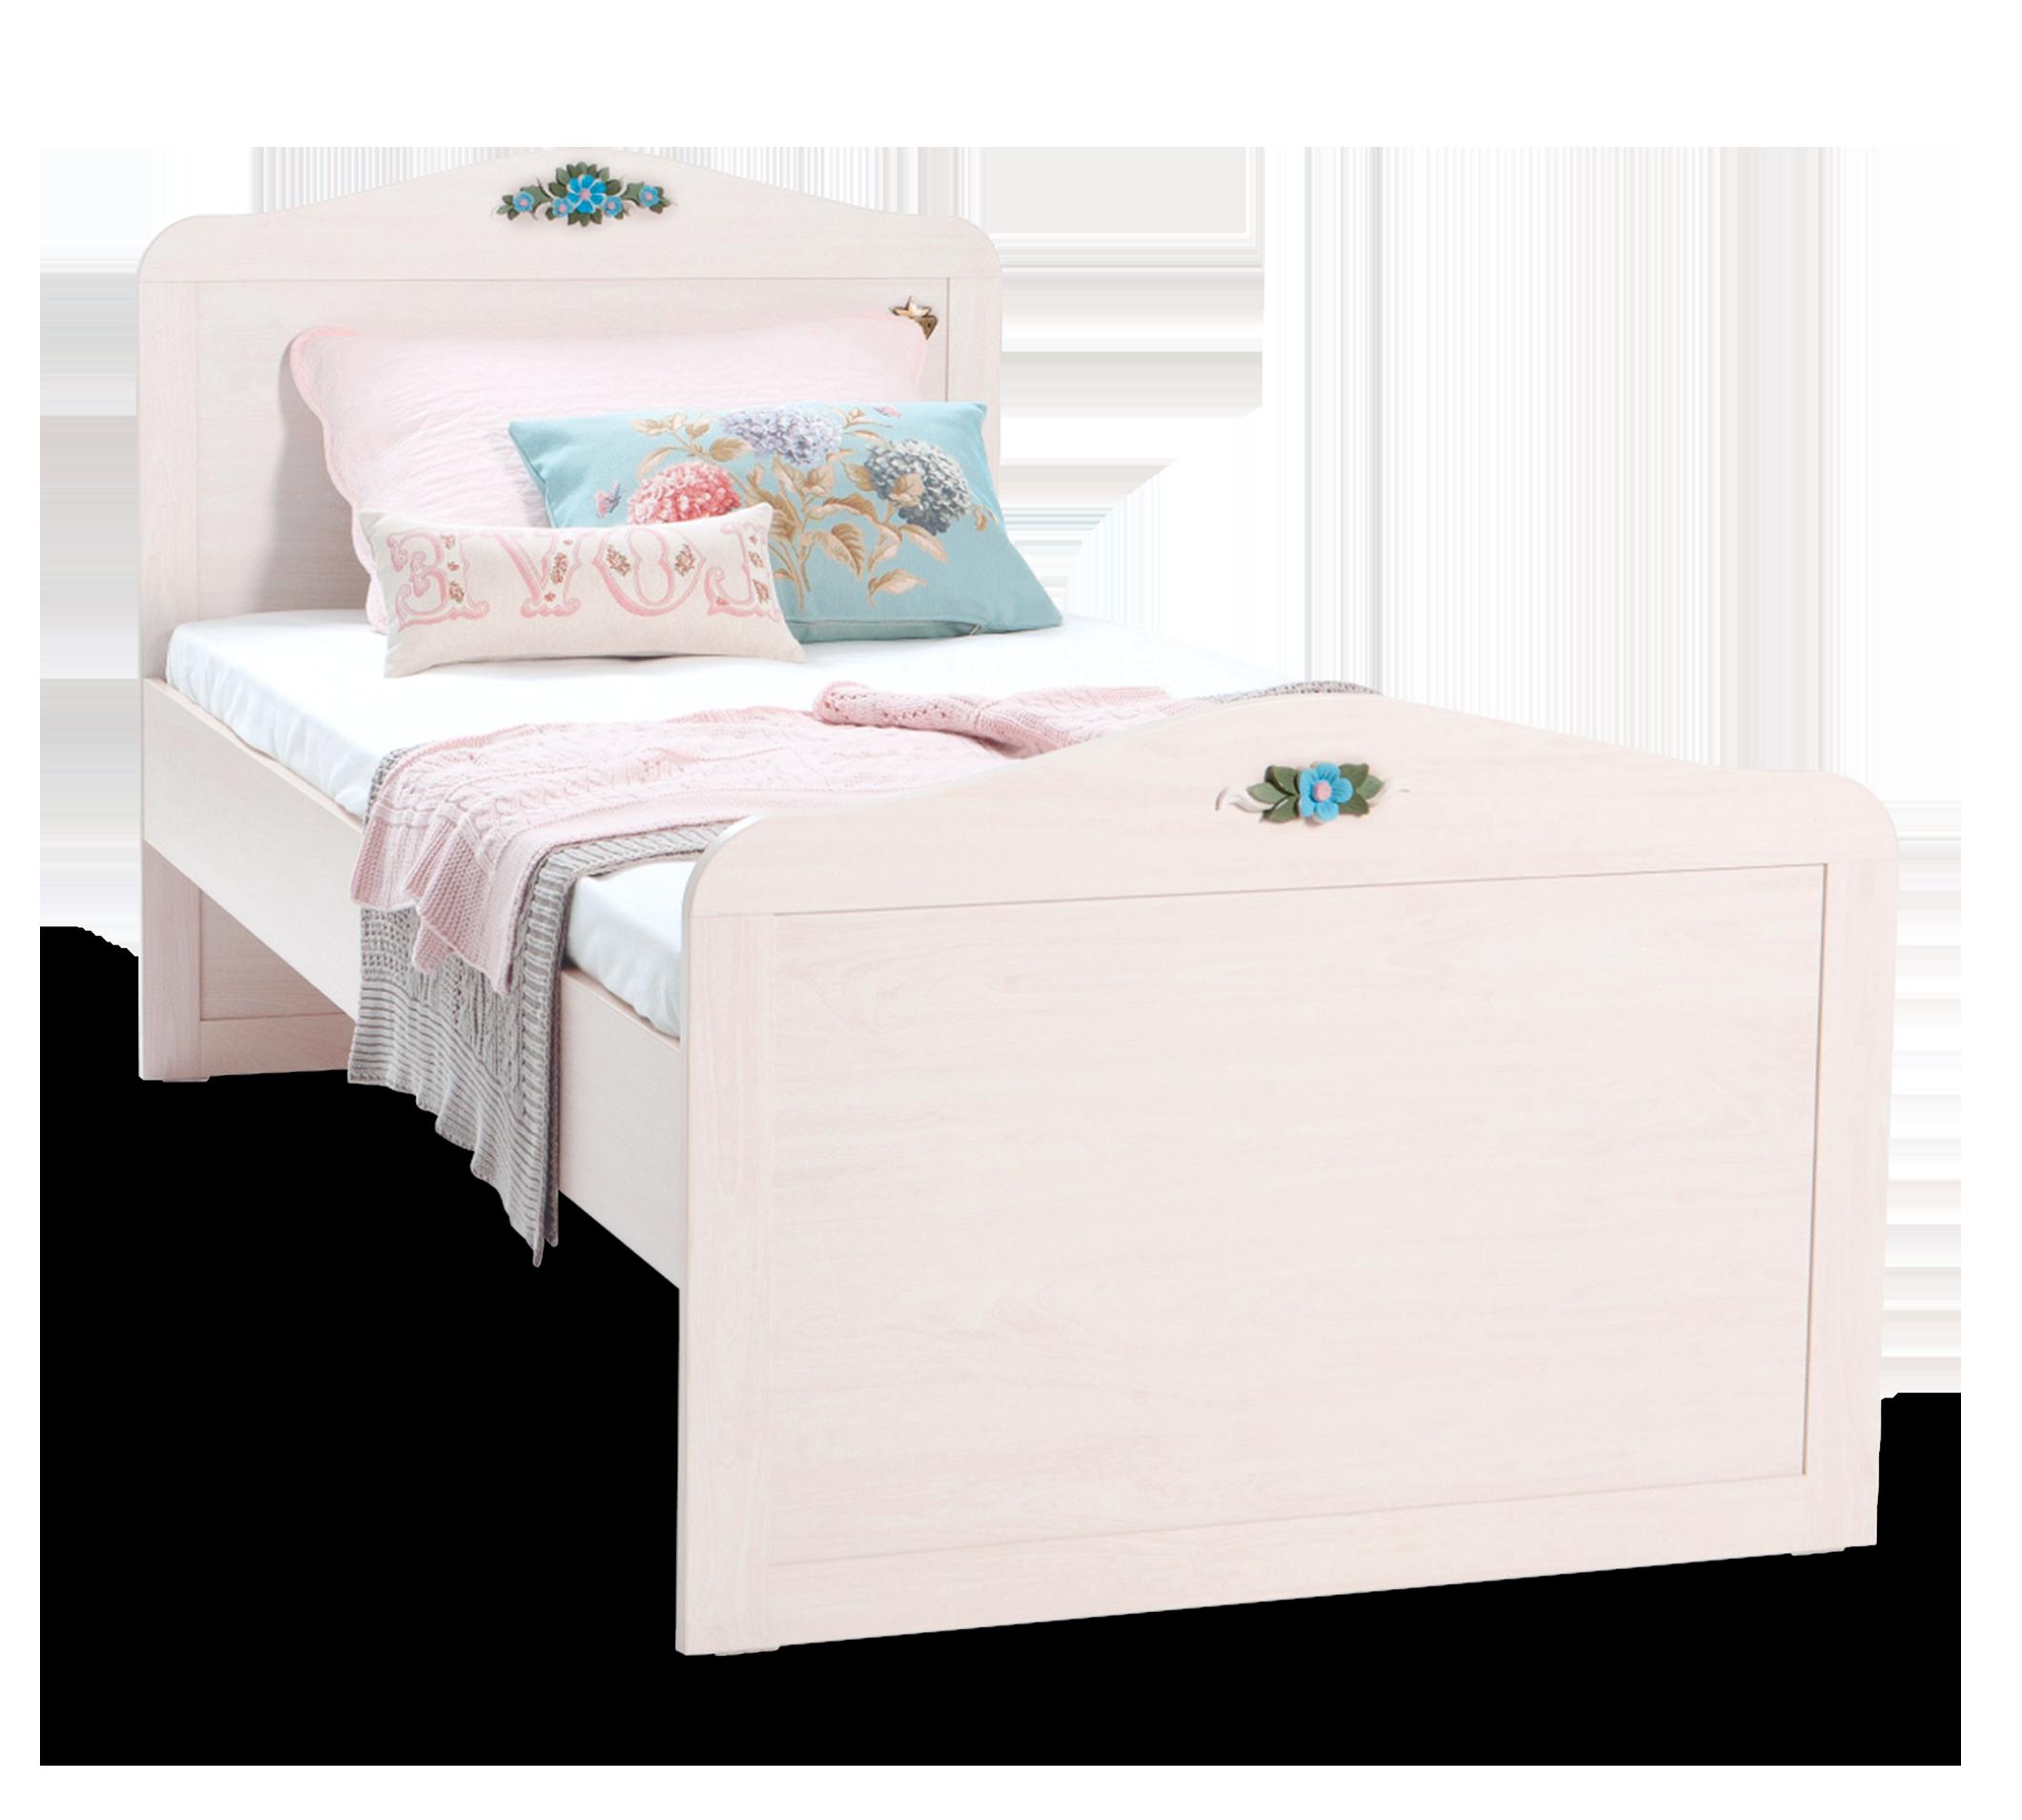 Full Size of Bette Duschwanne Weiße Betten Bett 1 40 Weiß 90x200 Halbhohes Billige 120x200 Luxus Kopfteile Für 140x200 Günstig Niedrig Bett 120x200 Bett